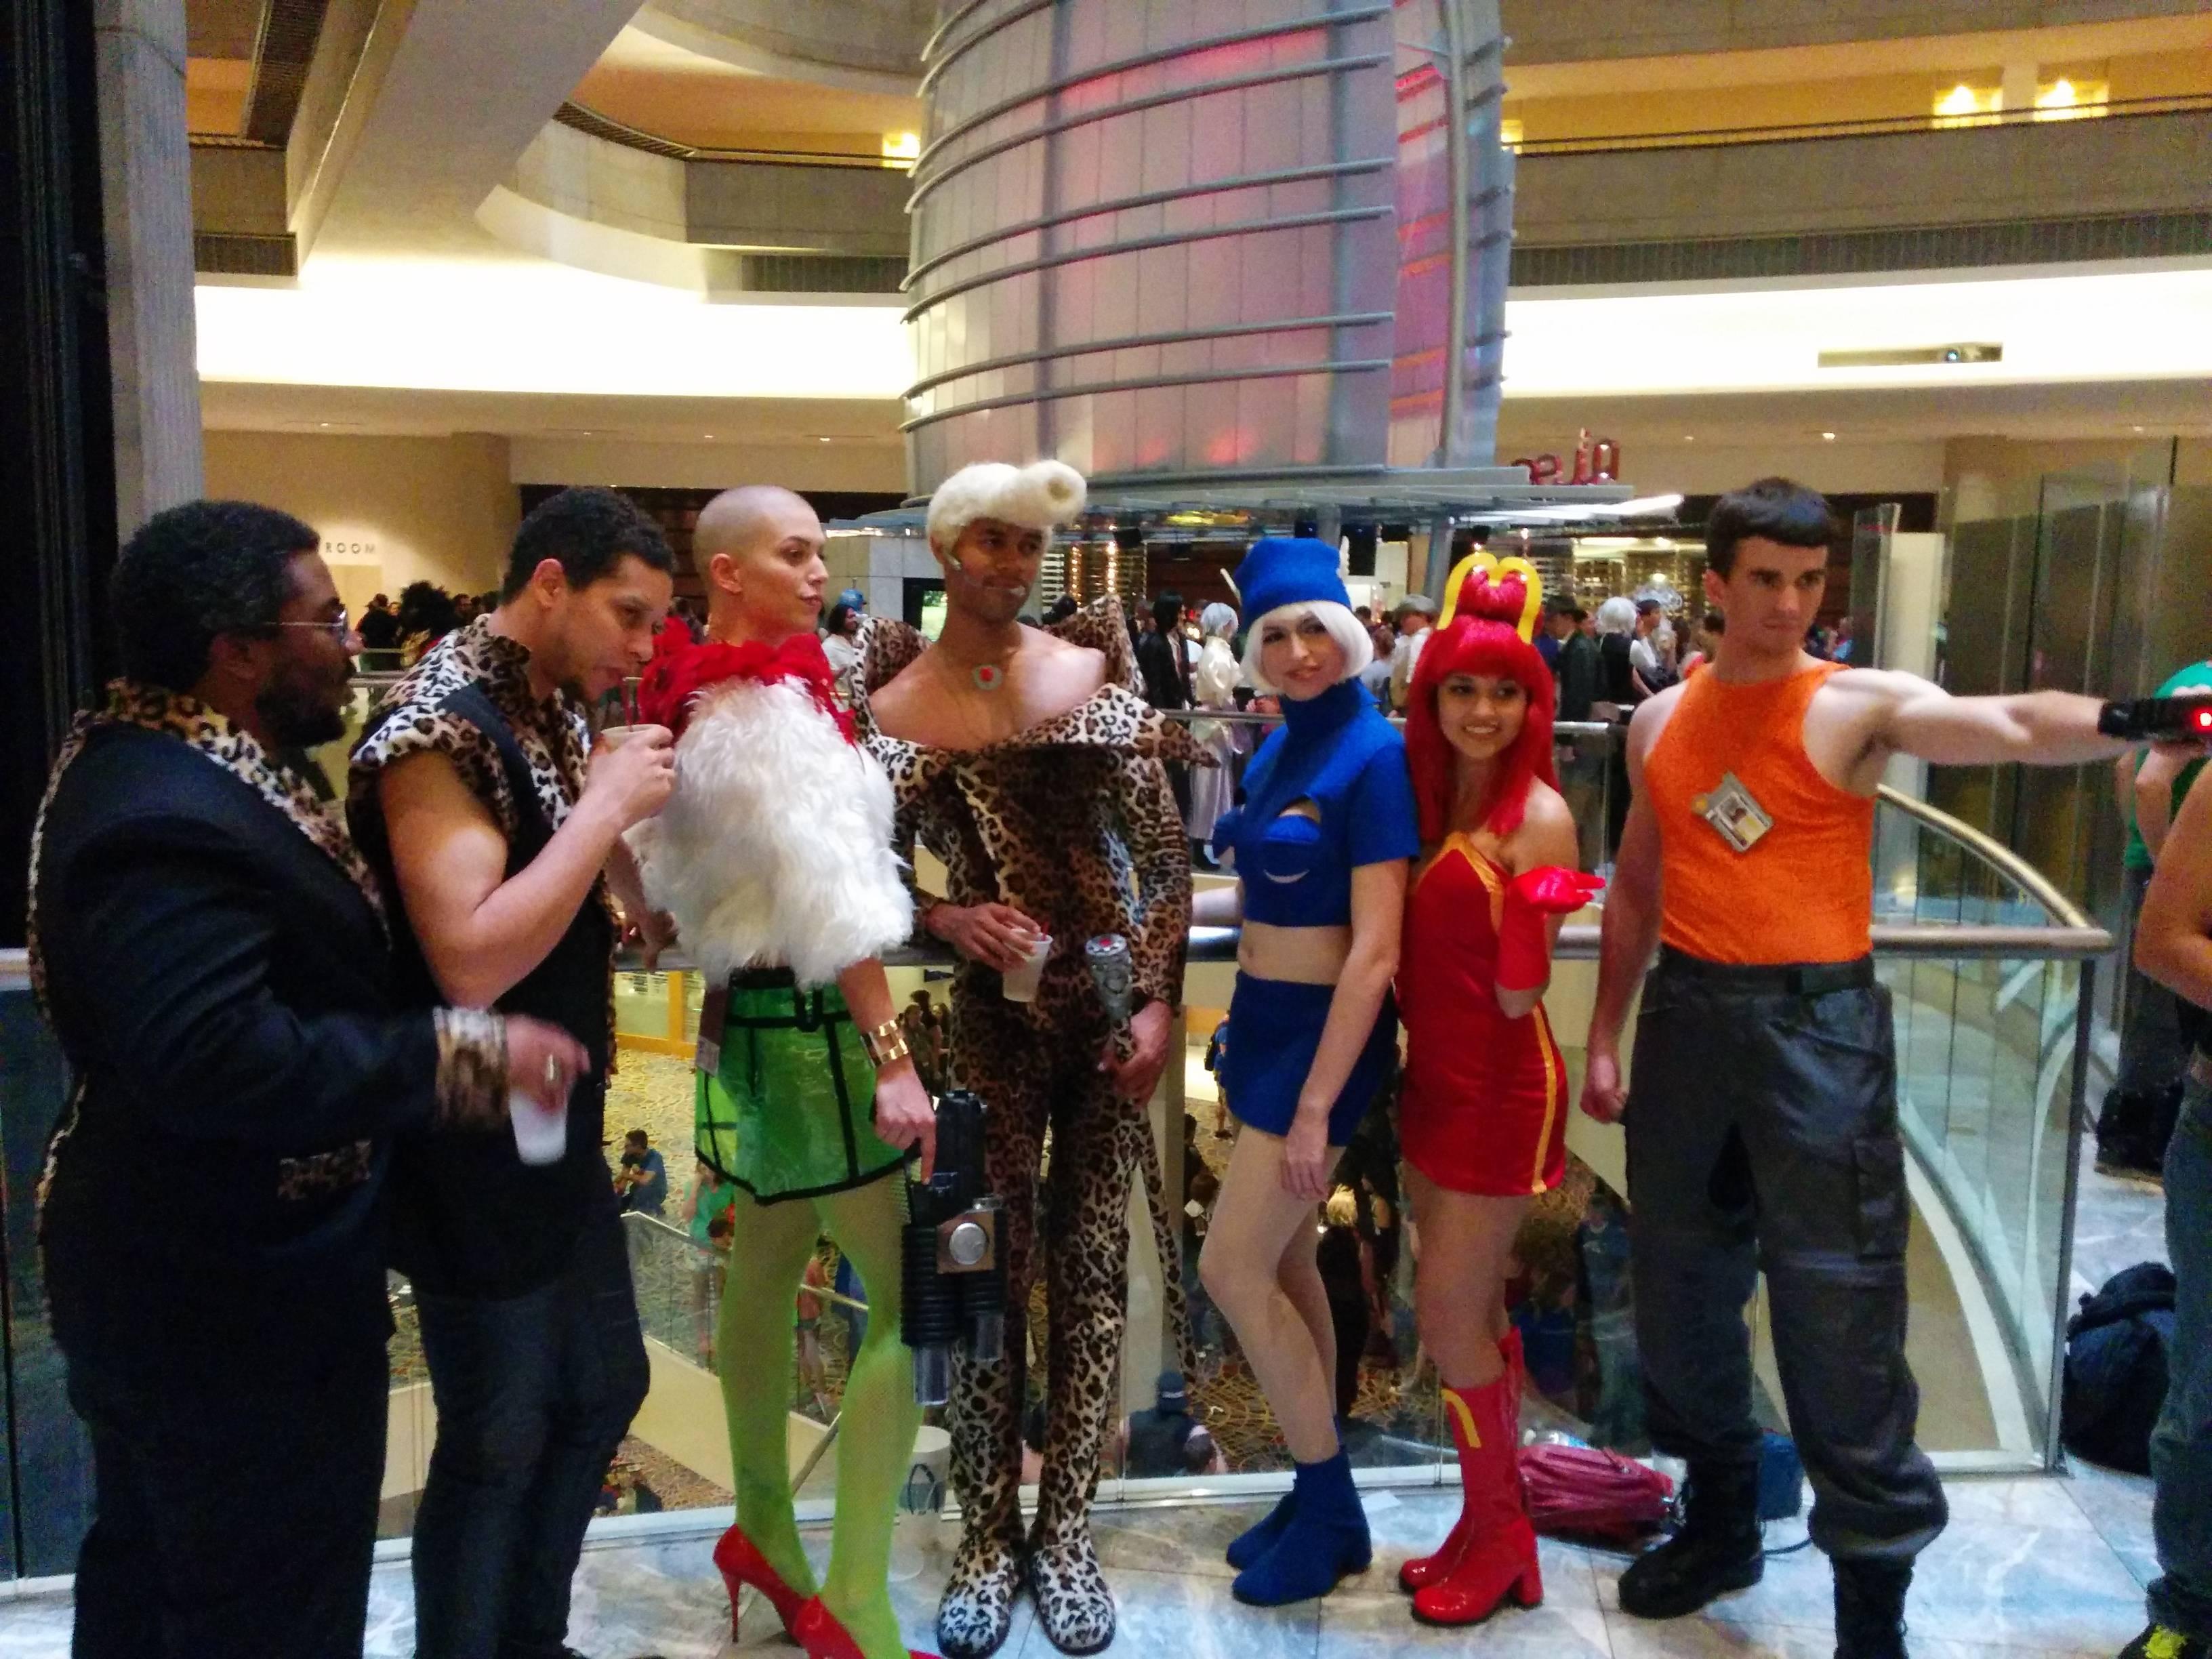 More Dragon Con 14 Fifth Element